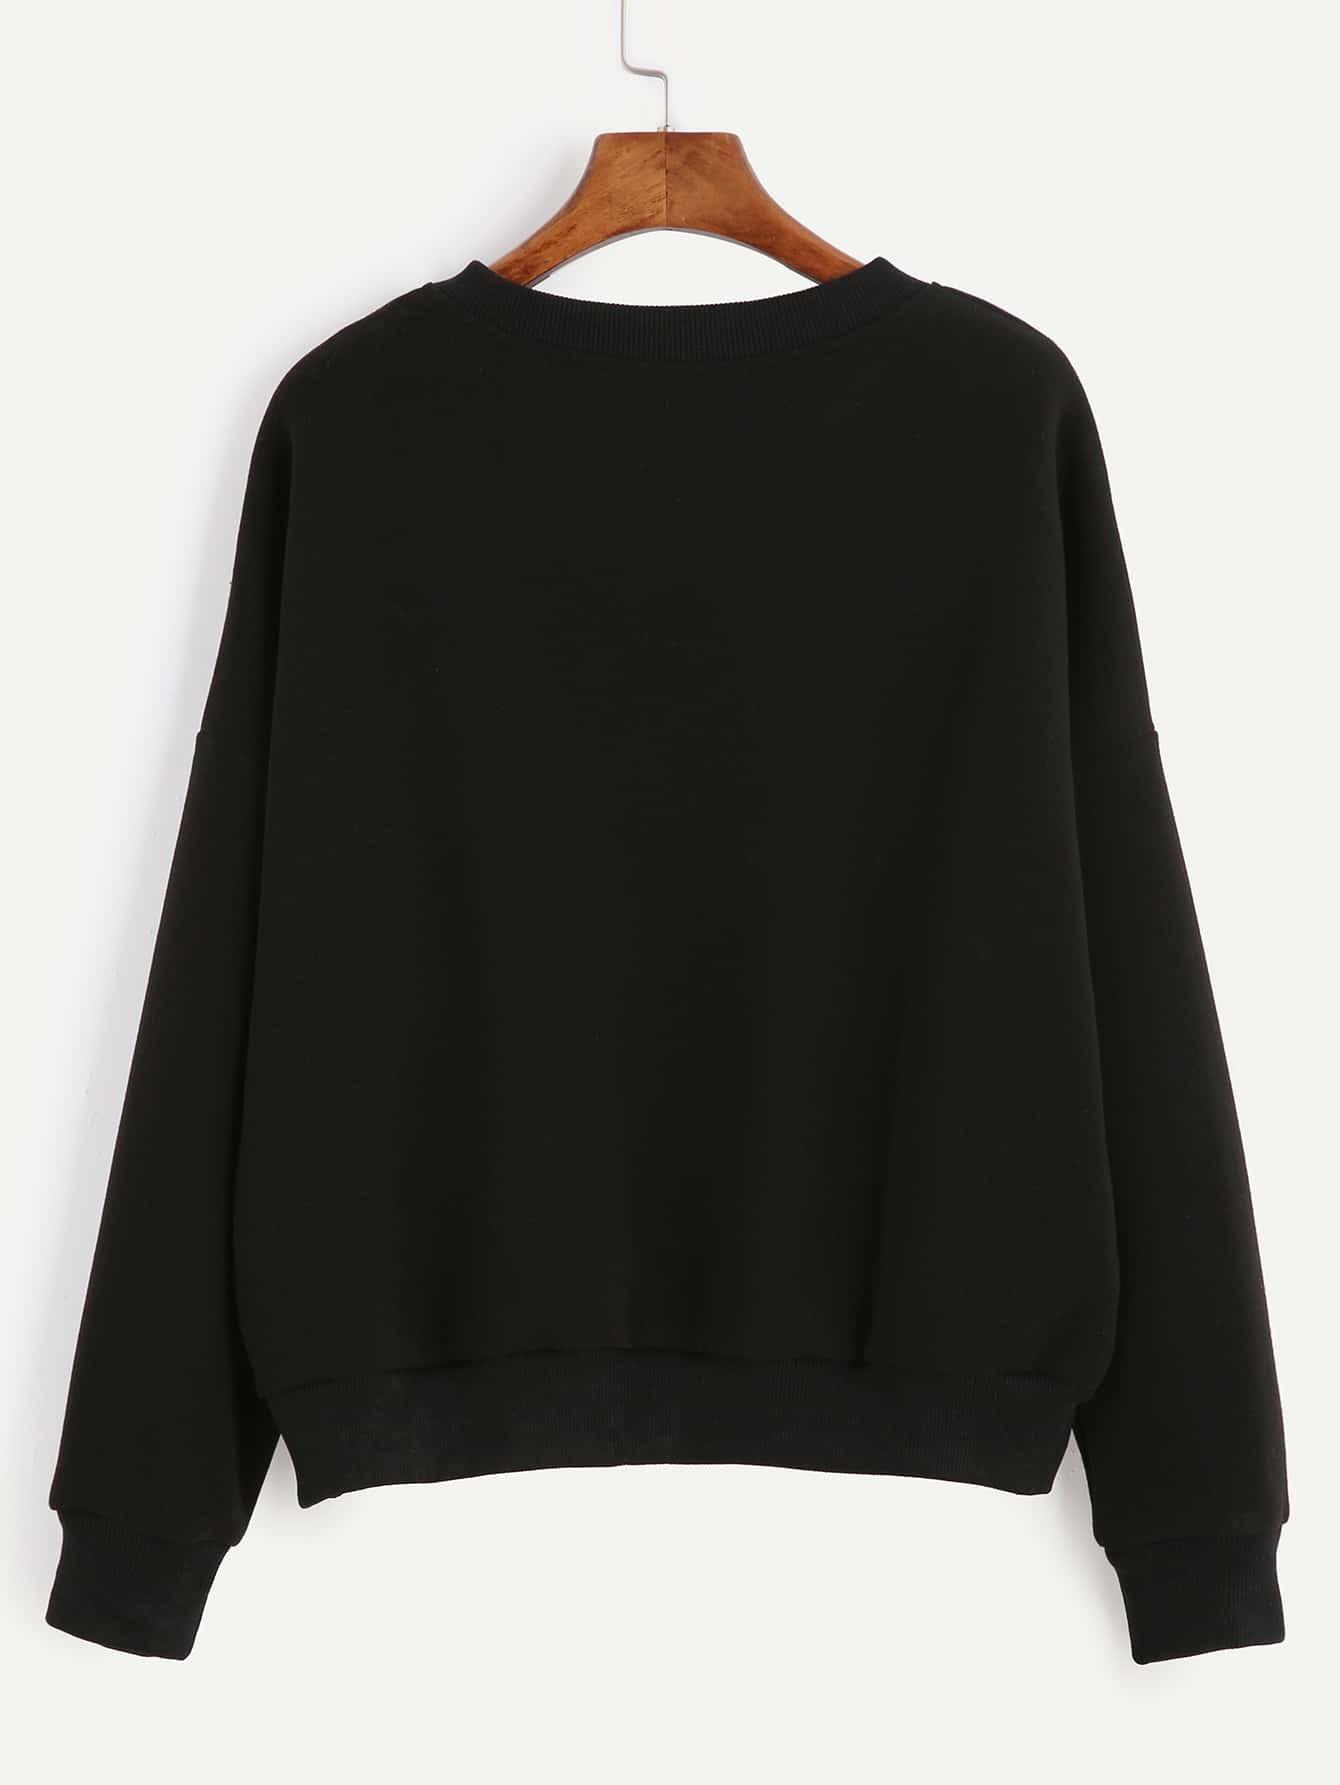 sweatshirt160825124_2